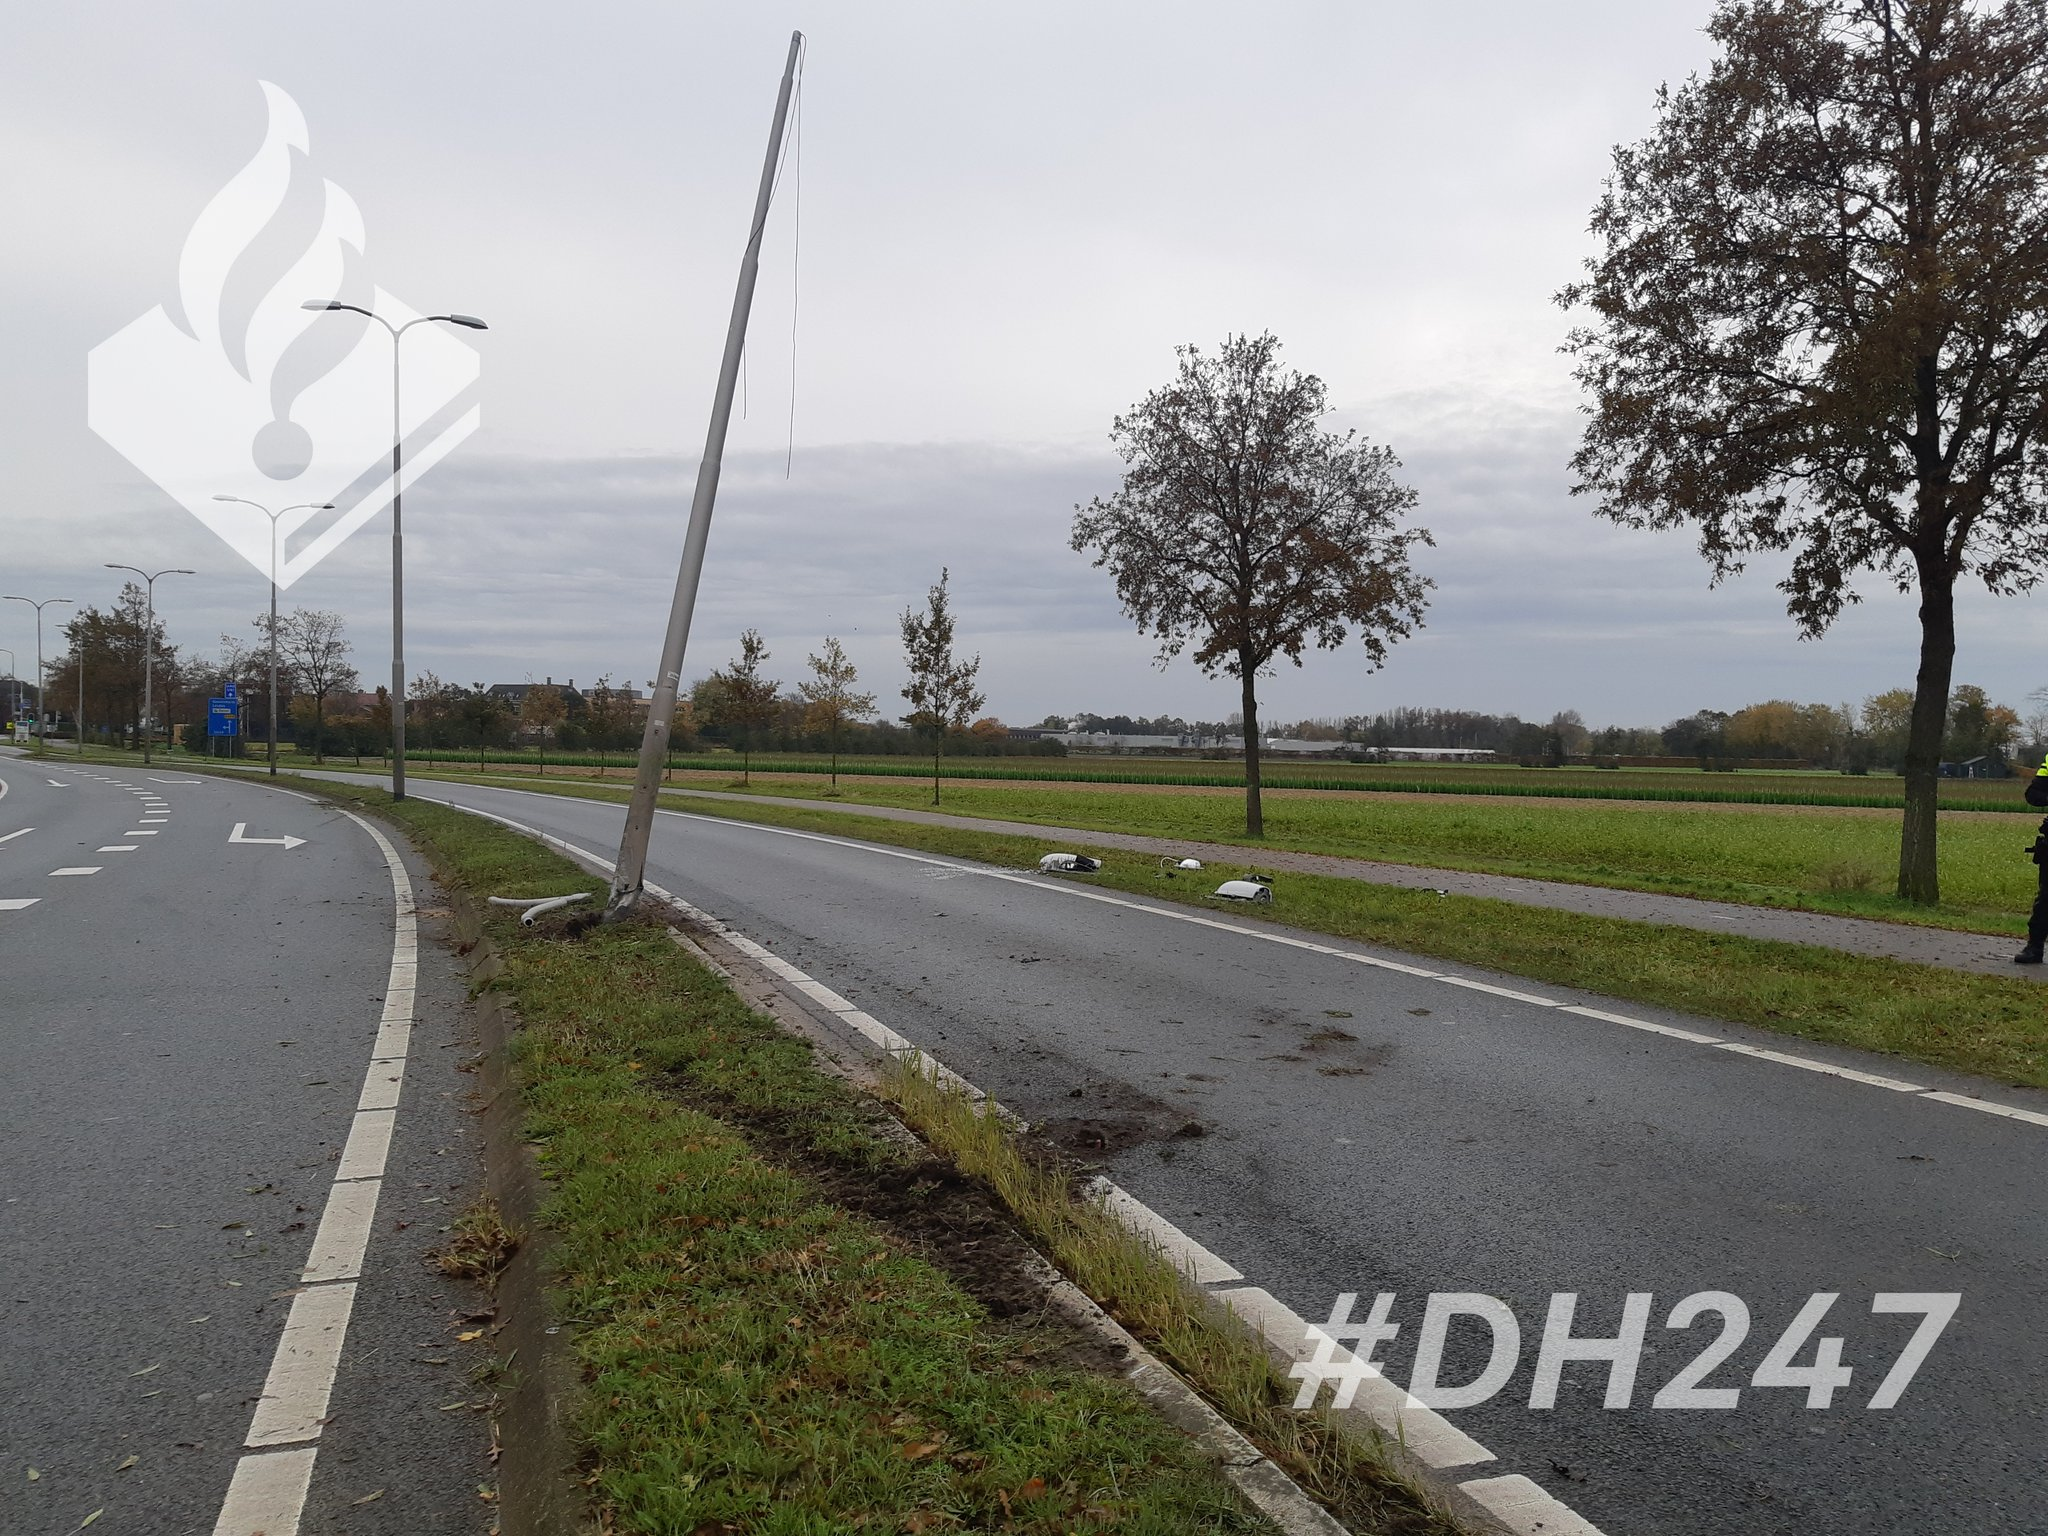 Brokkenpiloot crasht in Lisse met slok op achter het stuur